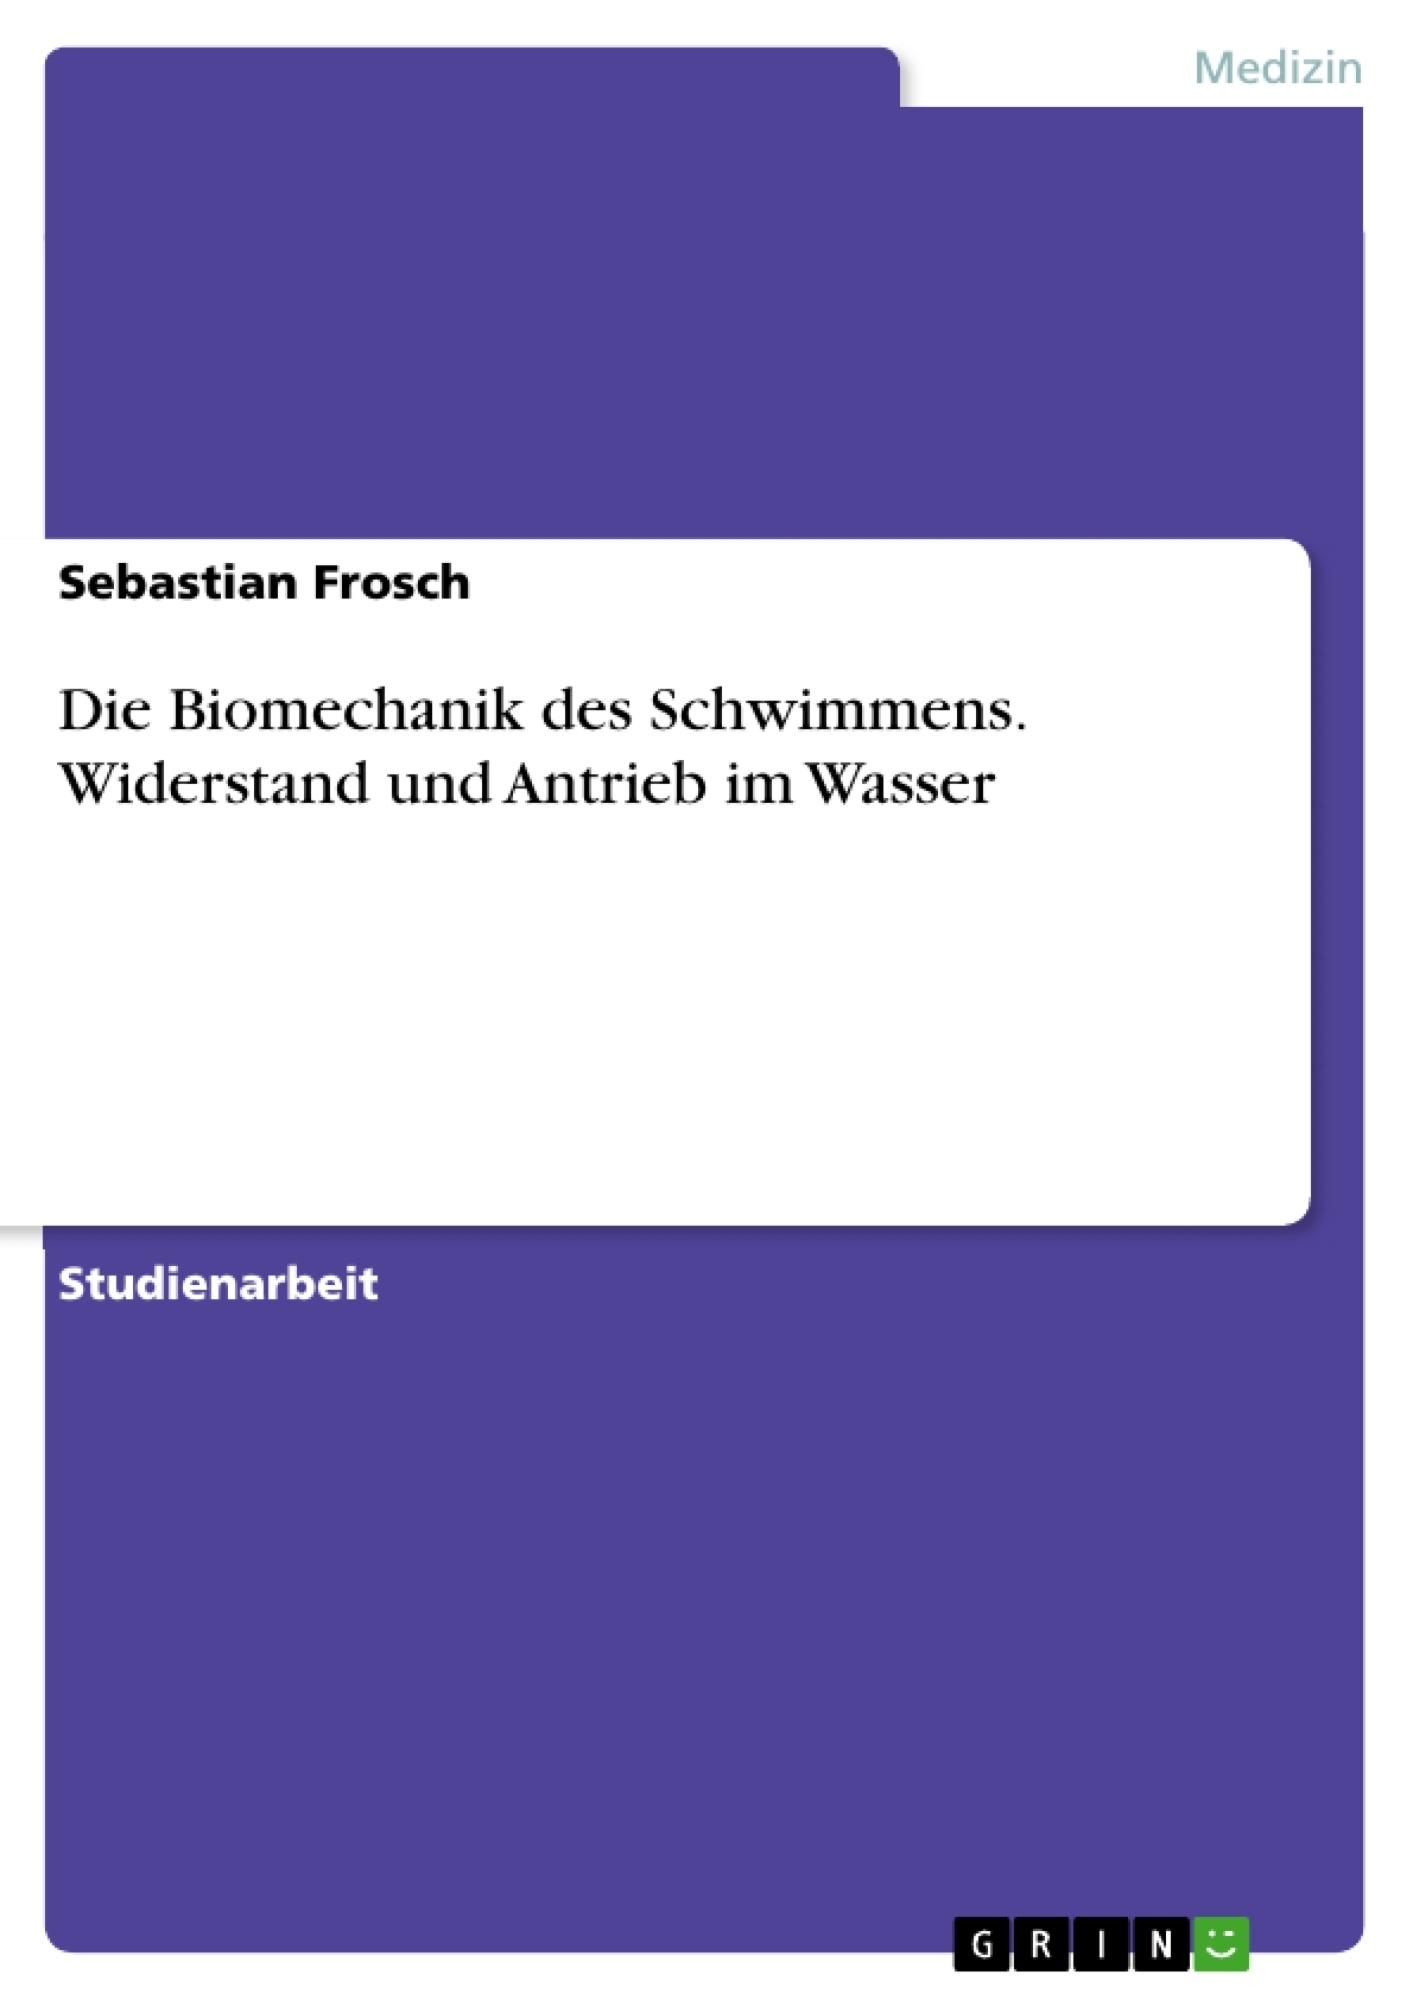 Titel: Die Biomechanik des Schwimmens. Widerstand und Antrieb im Wasser